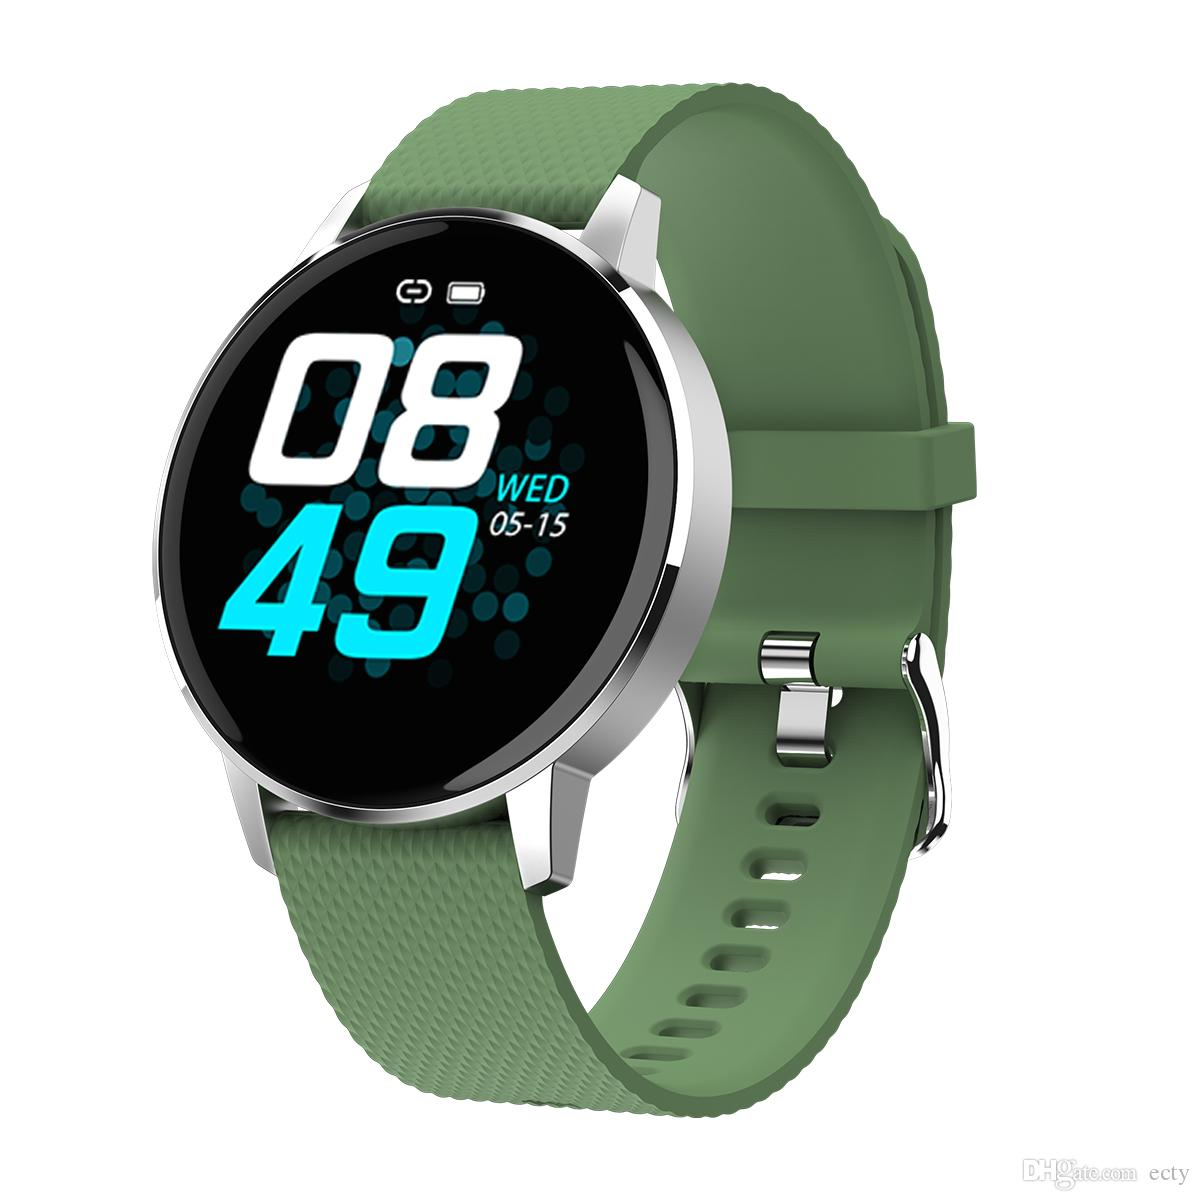 Donne Per Xiaomi Huawei originale T4 intelligente Orologio vetro Fitness Tracker Heart Rate Monitor uomo impermeabile Bluetooth temperato